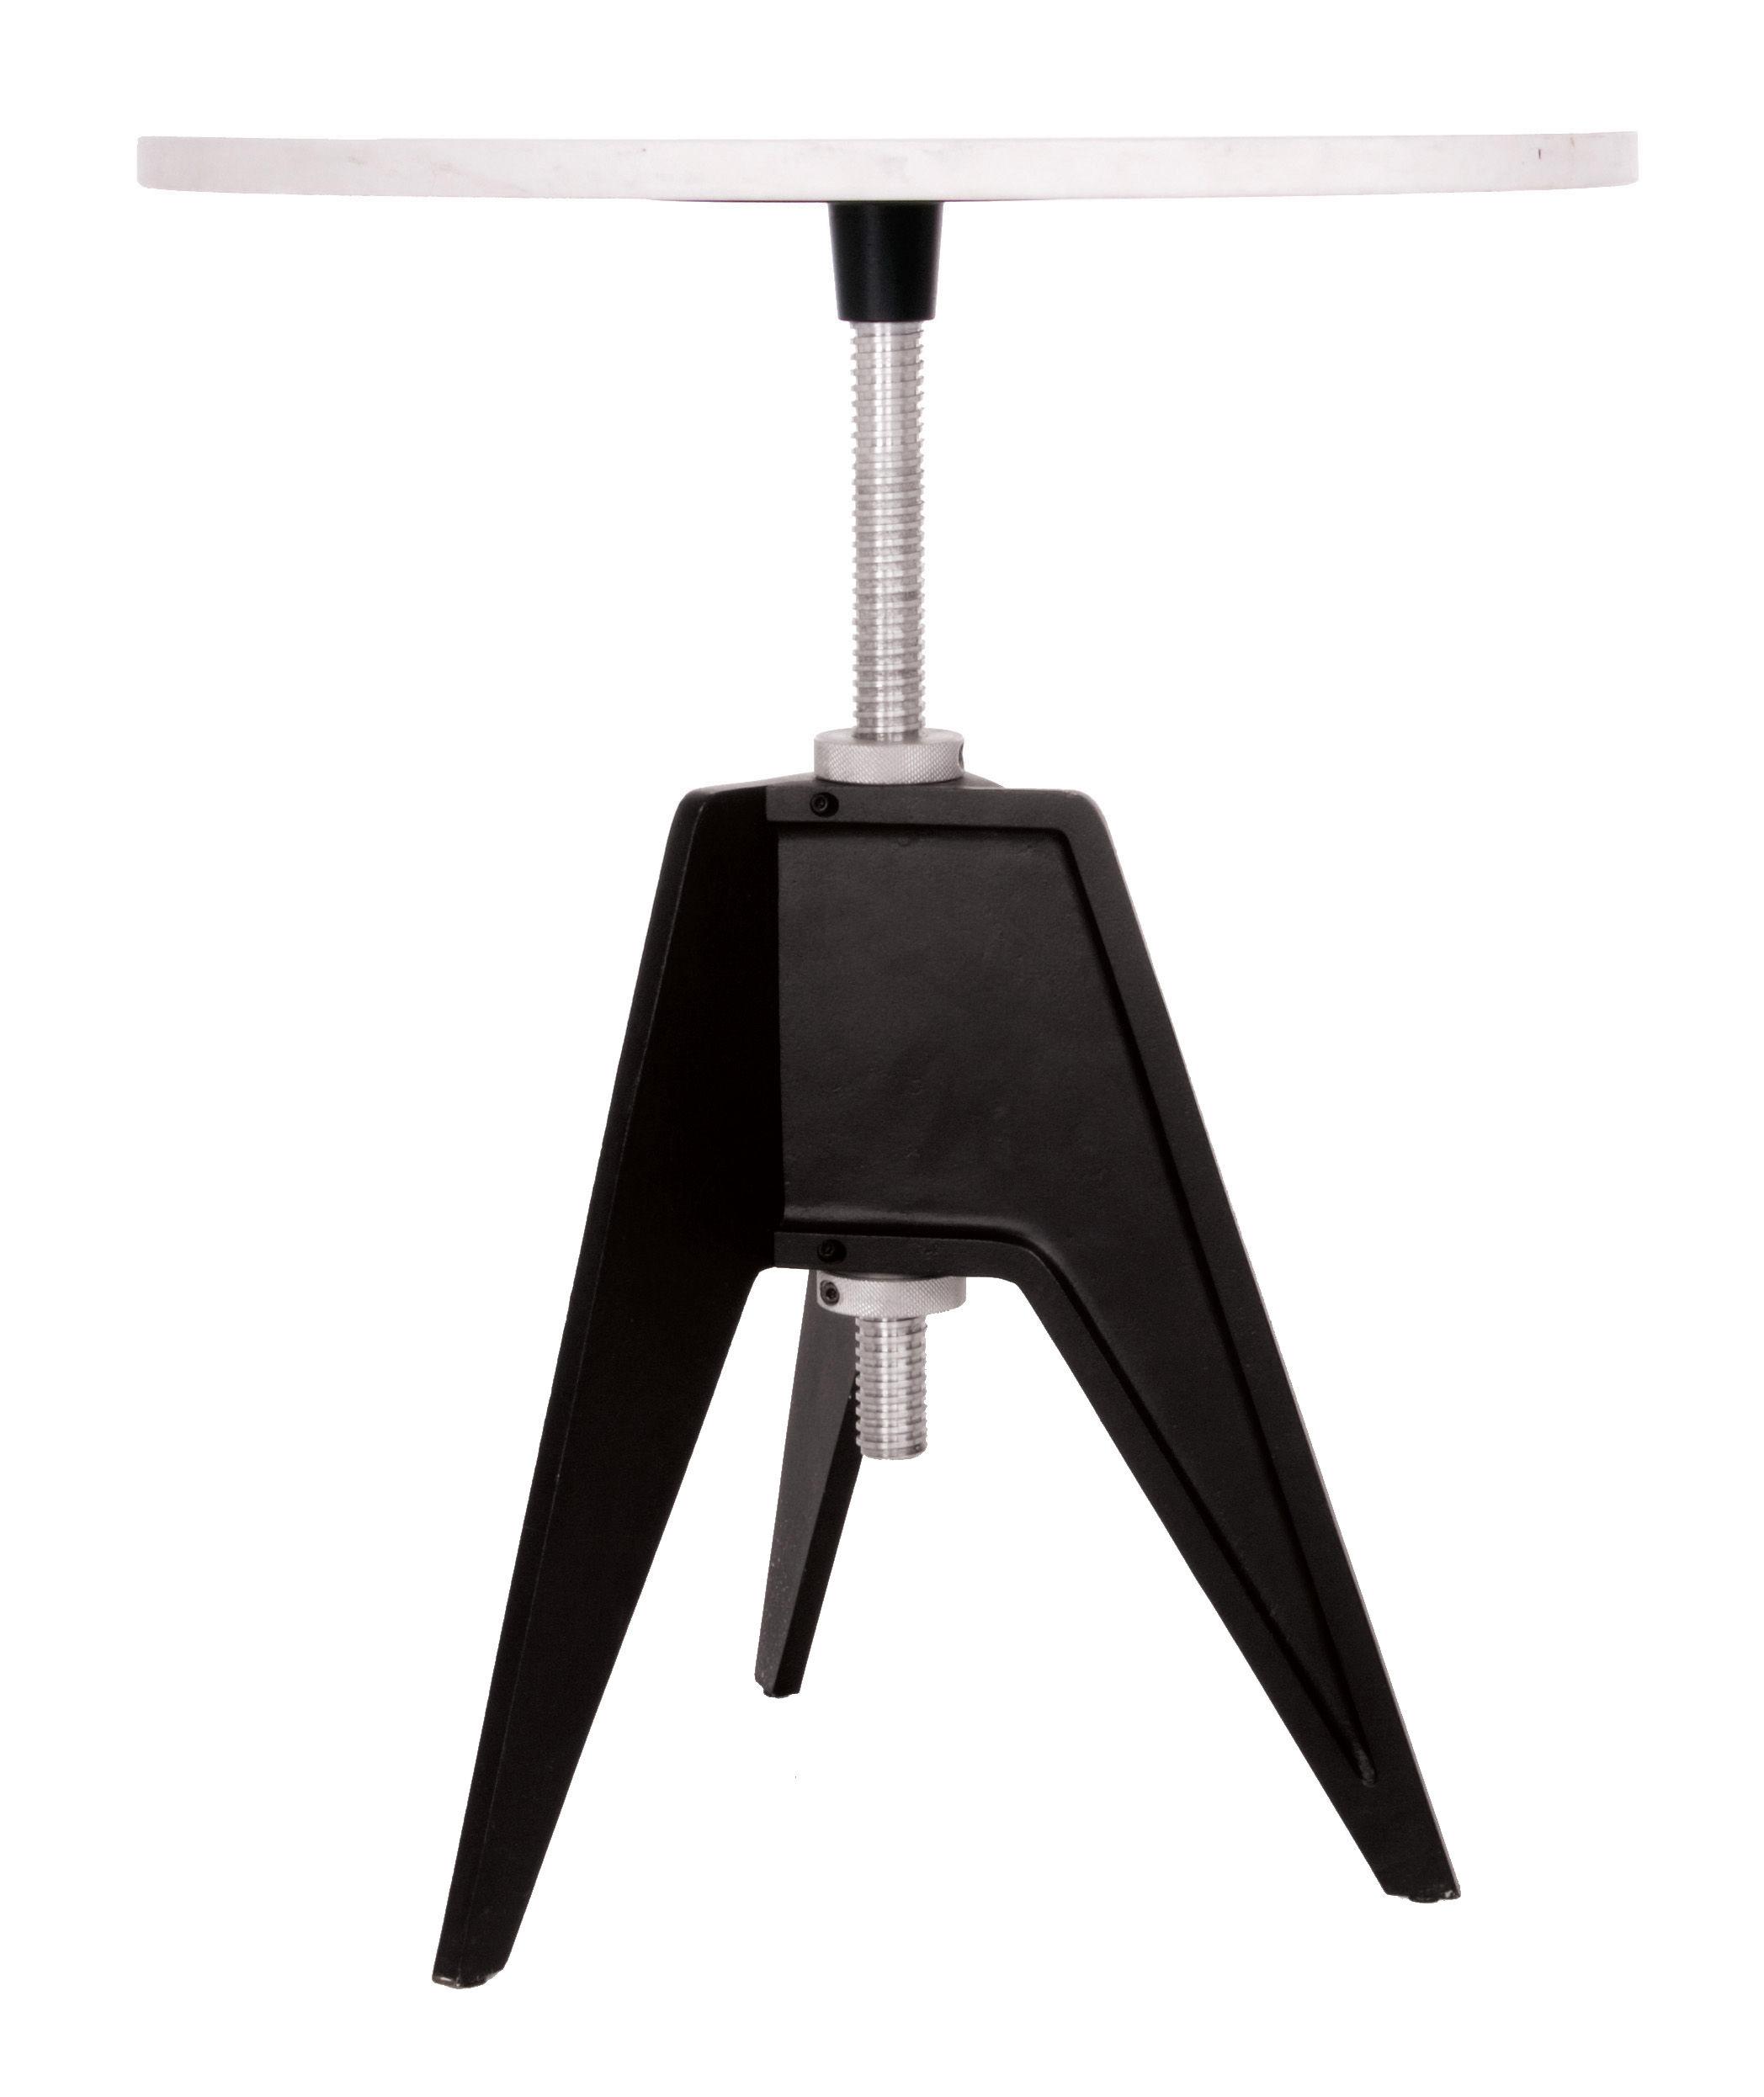 Möbel - Couchtische - Screw Höhenverstellbarer Tisch Tischplatte höhenverstellbar - Tom Dixon - Ø 60 cm - schwarz / weiß - Aluminium, Gusseisen, Marmor